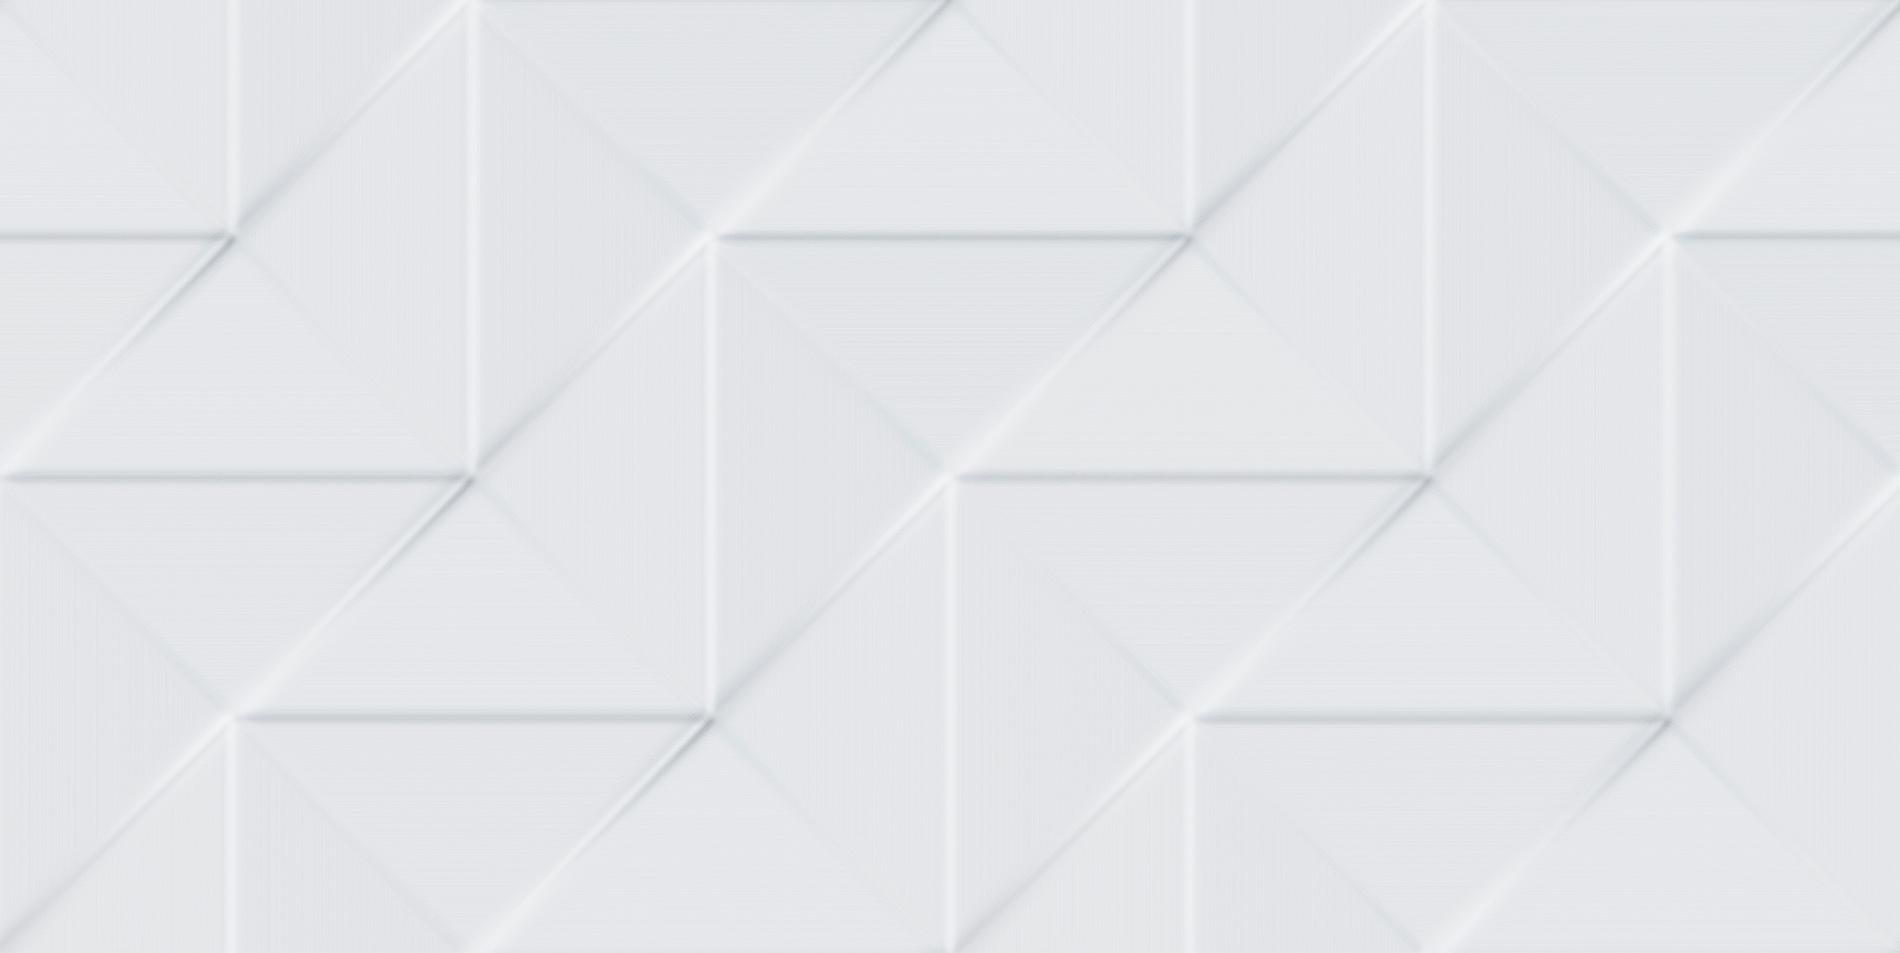 Revestimento Biancogres Origami Bianco Retificado CE0762B1 45x90cm